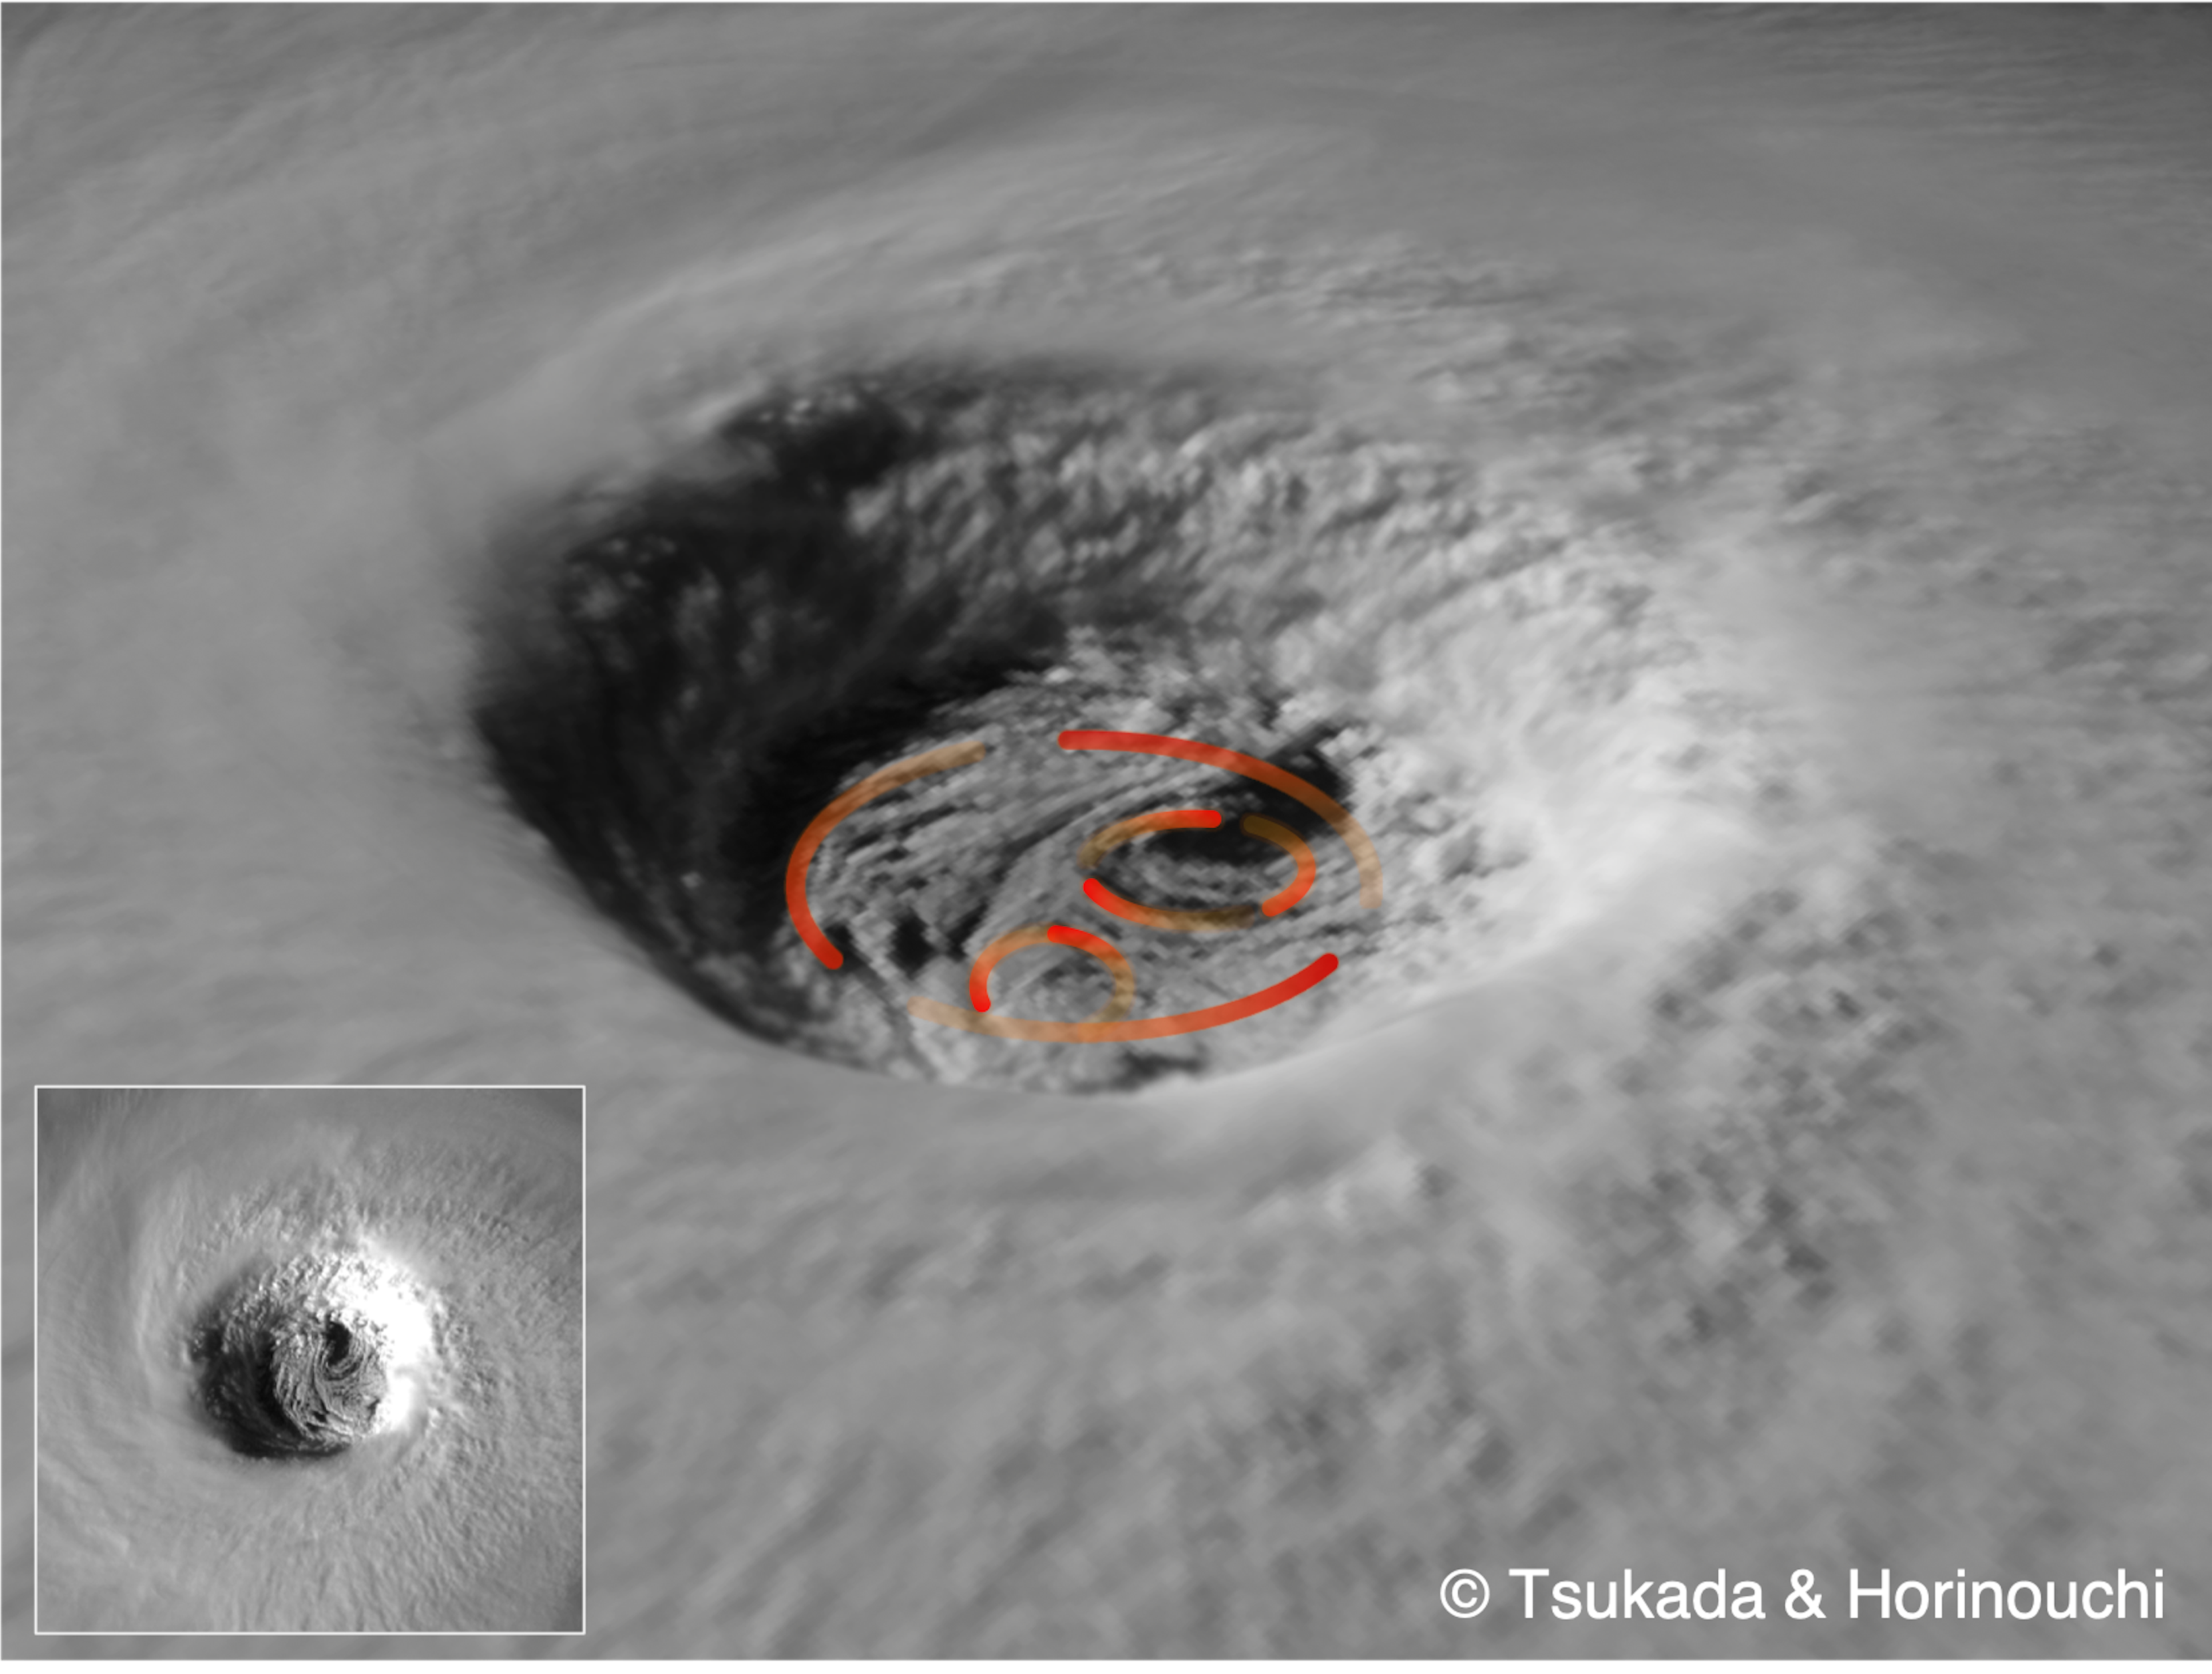 「台風の目」の風、宇宙から初めて観測 —北大開発の新手法(動画あり)